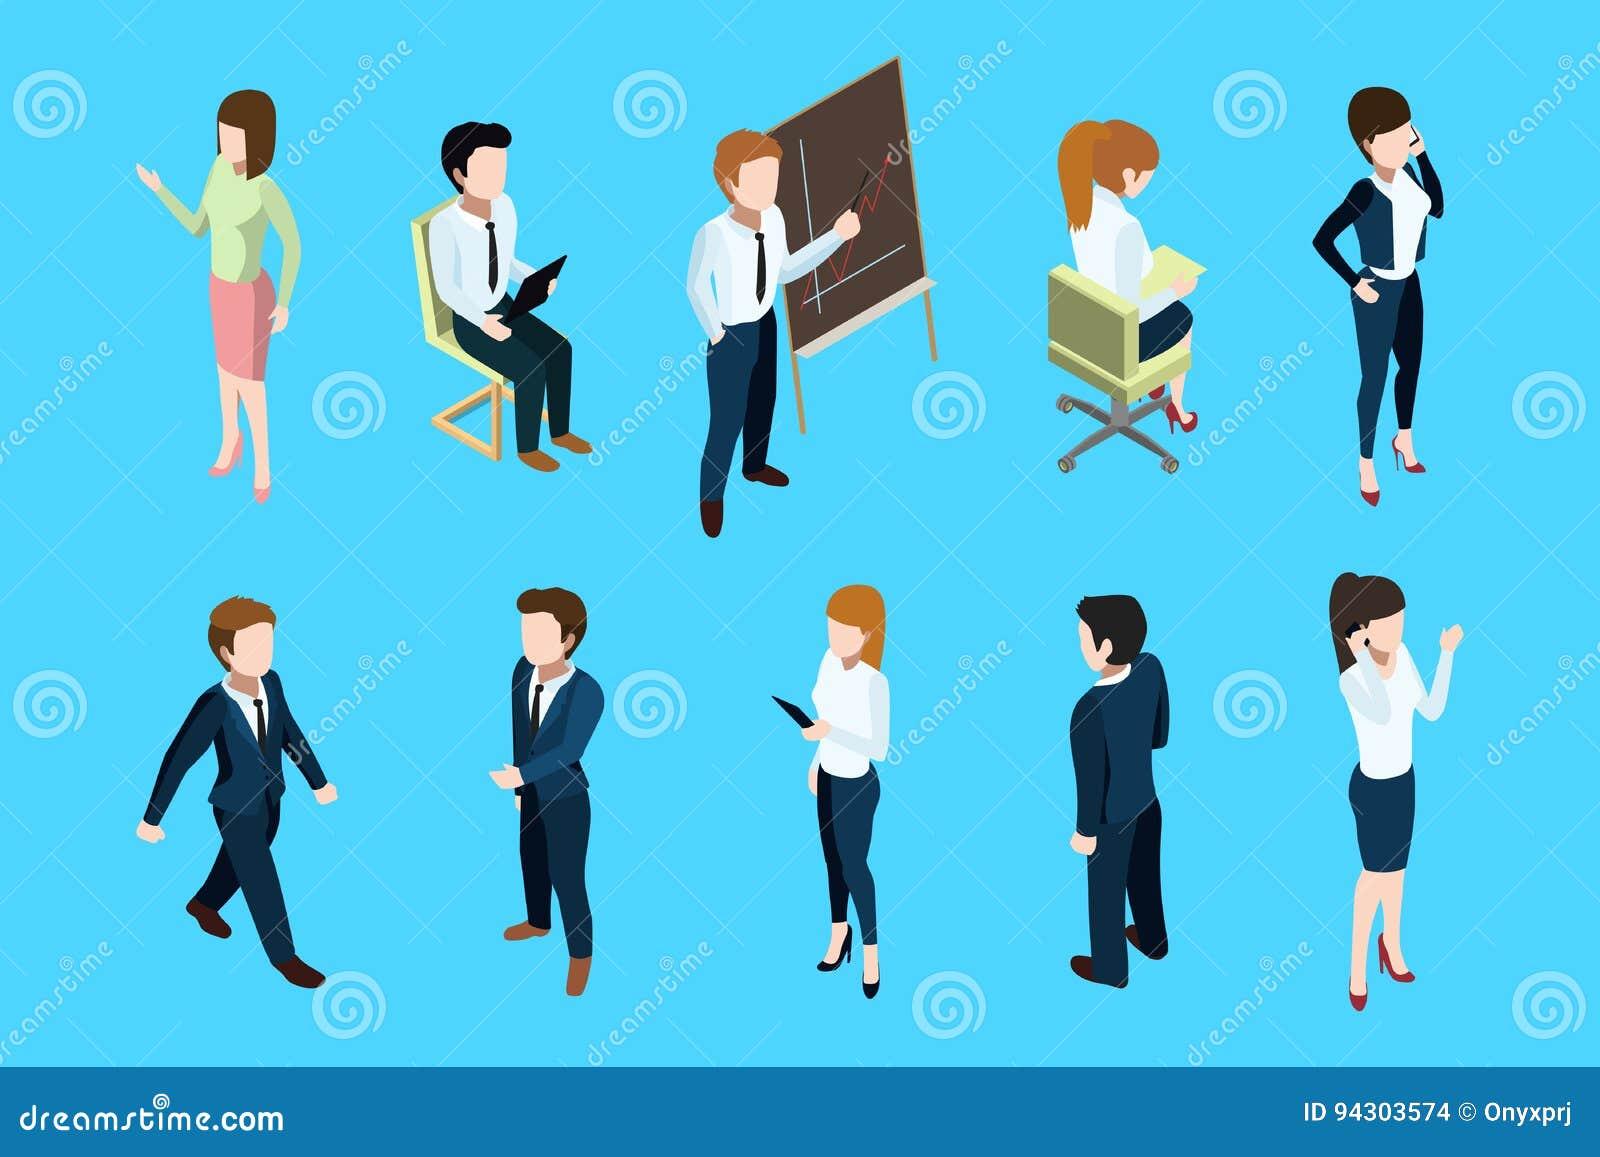 等量商人用不同的行动姿势 高级领导和办公室队 提取空白背景蓝色按钮颜色光滑的例证查出的对象被设置的盾发光的向量